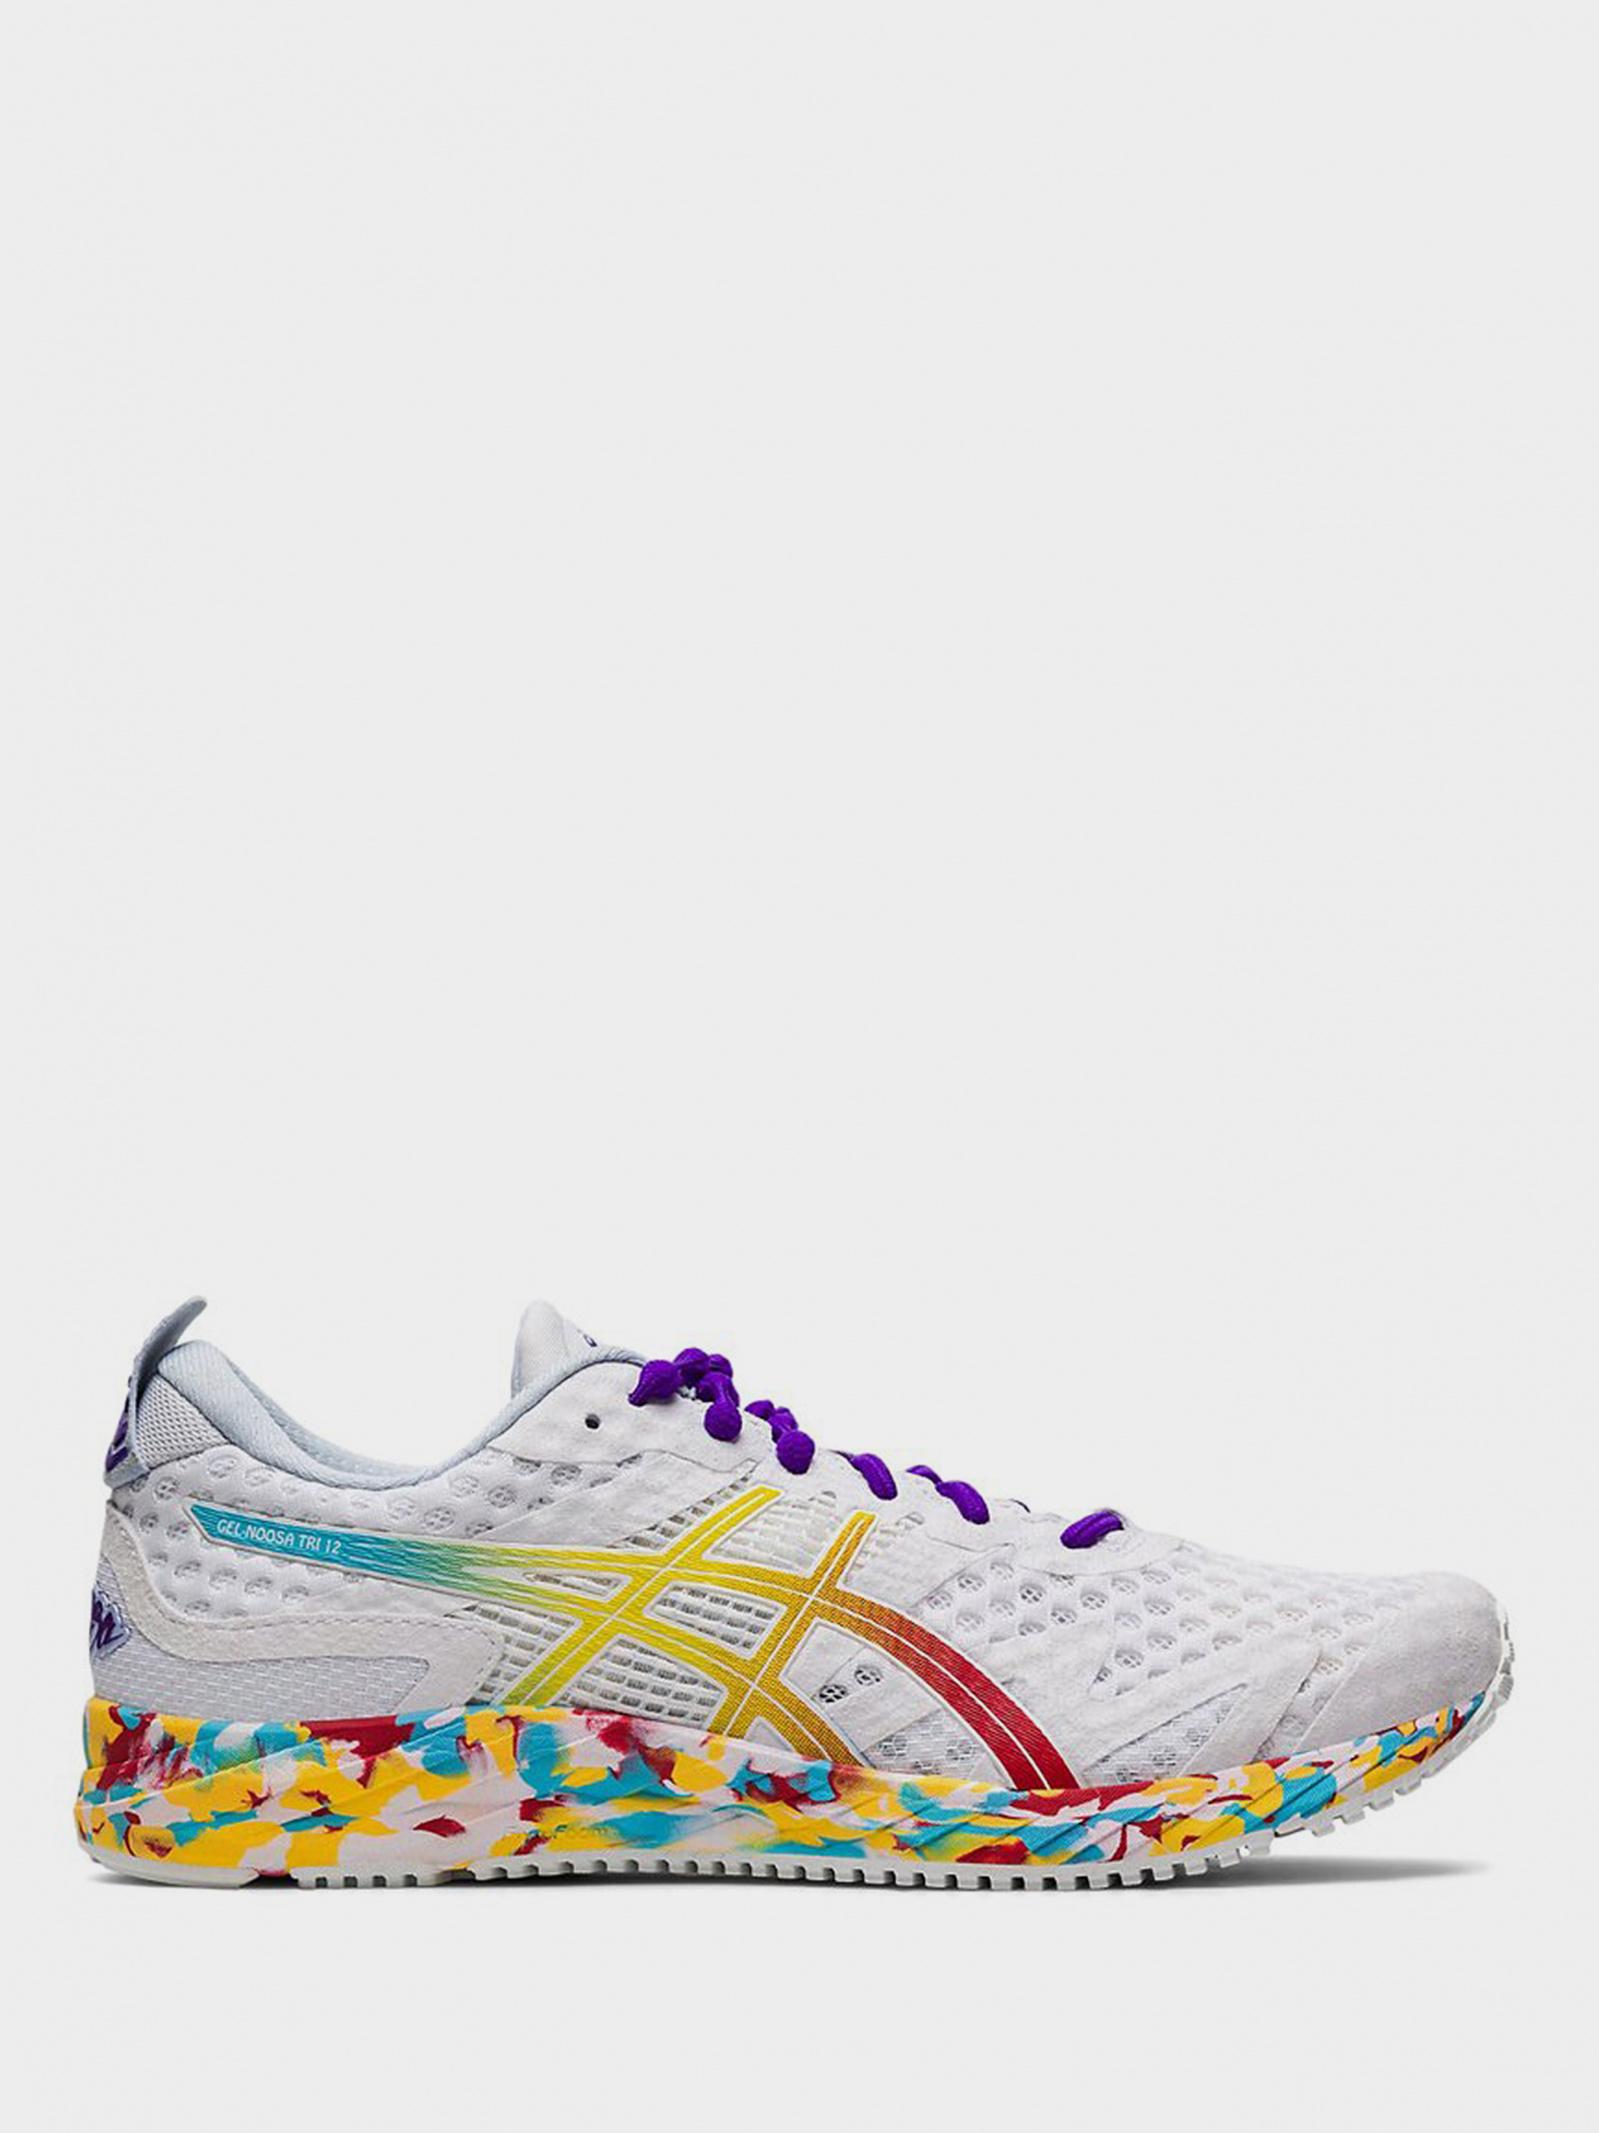 Кросівки  для жінок Asics GEL-NOOSA TRI 12 1012A578-100 модне взуття, 2017